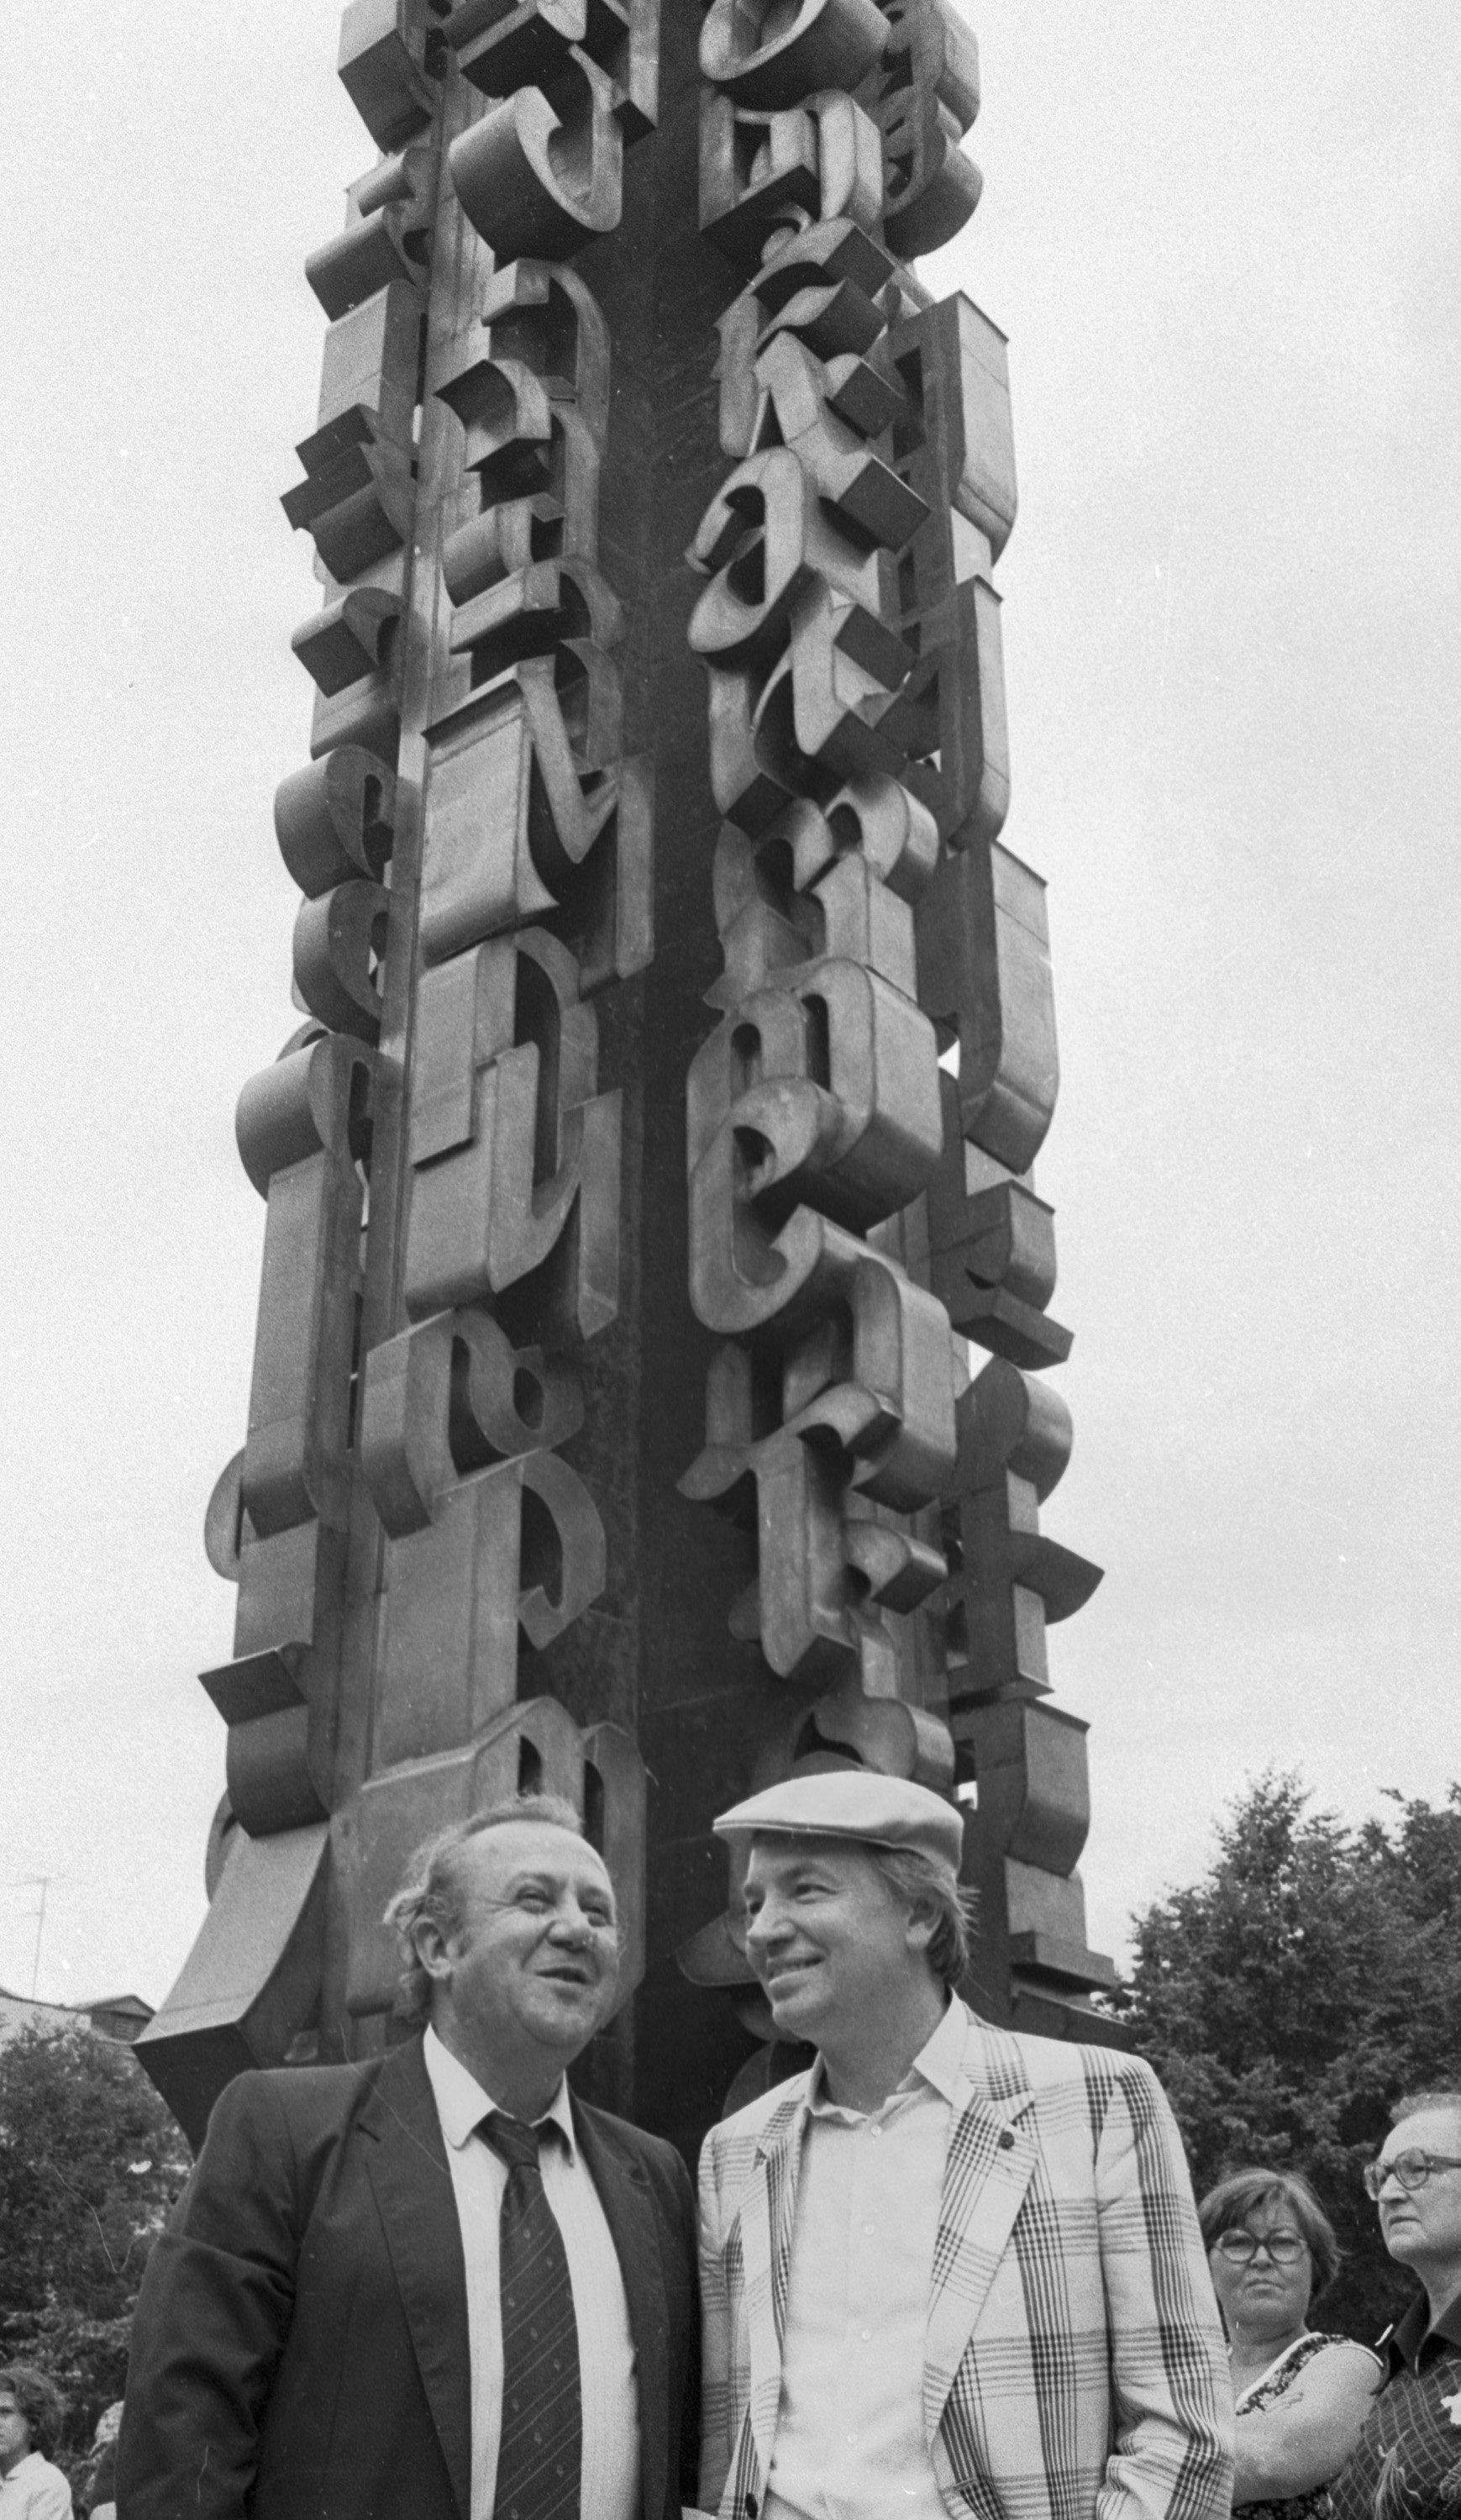 Зураб Церетели и Андрей Вознесенский